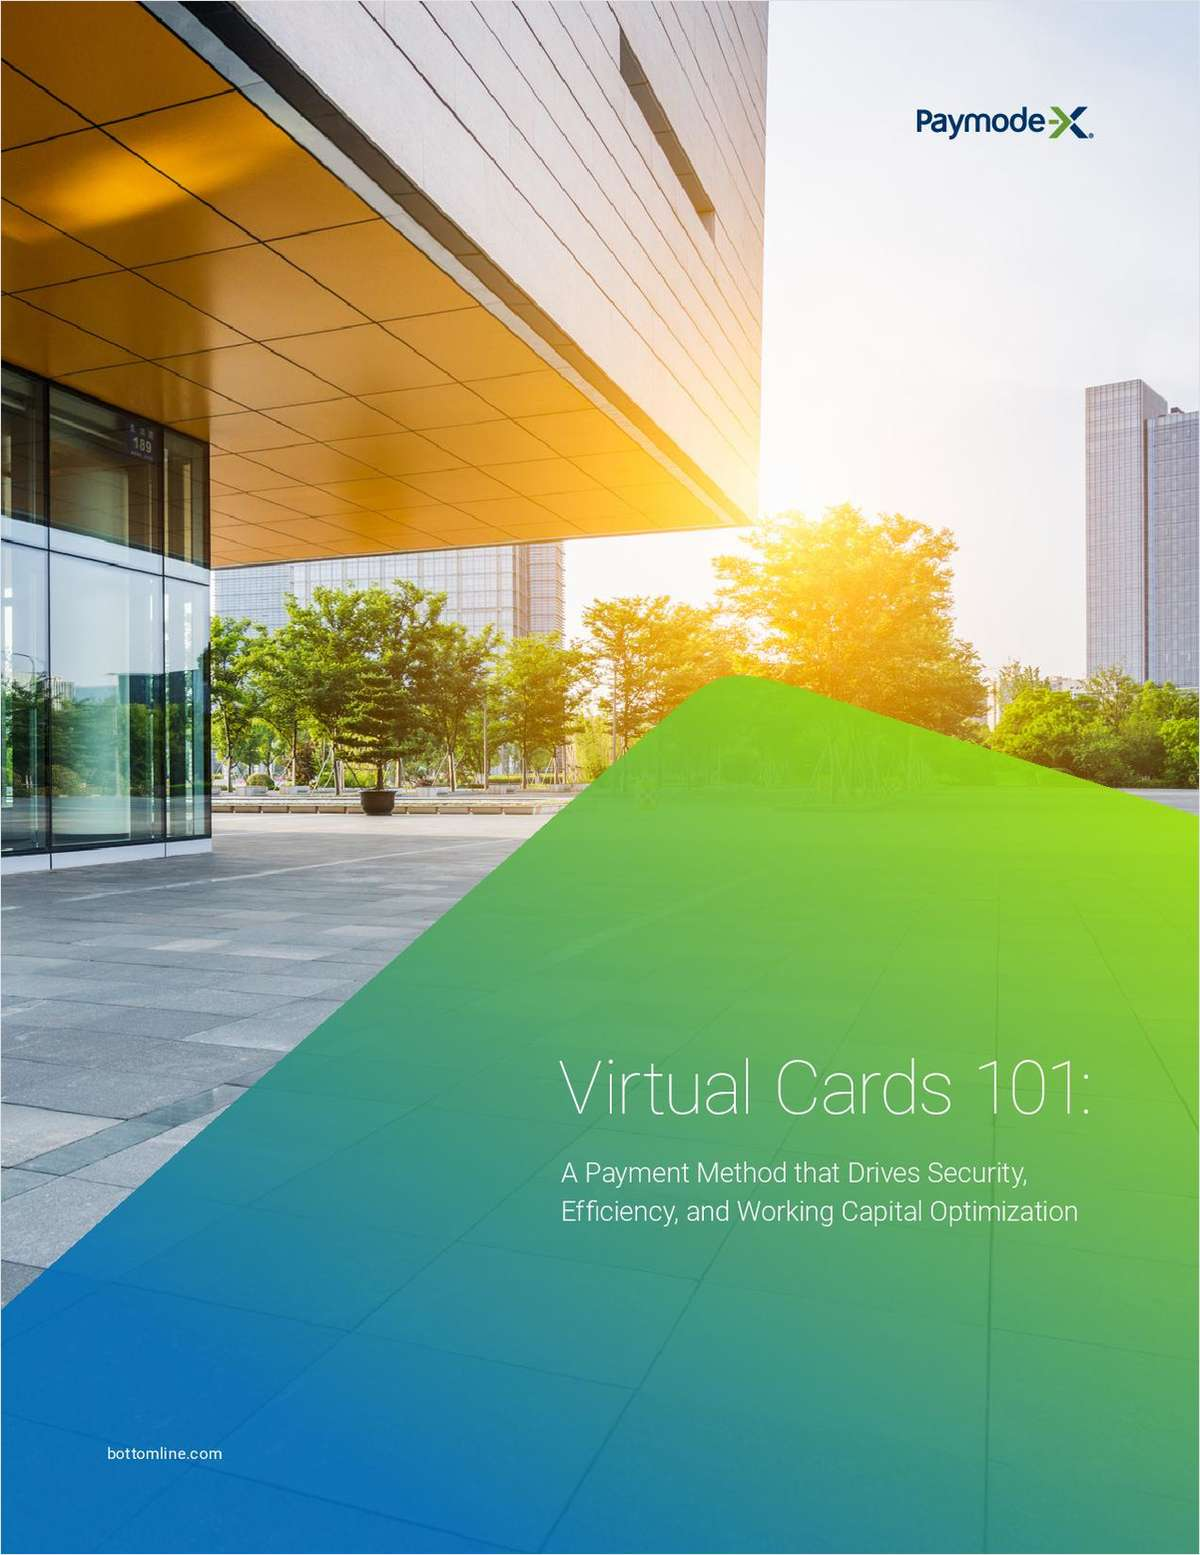 Virtual Cards 101